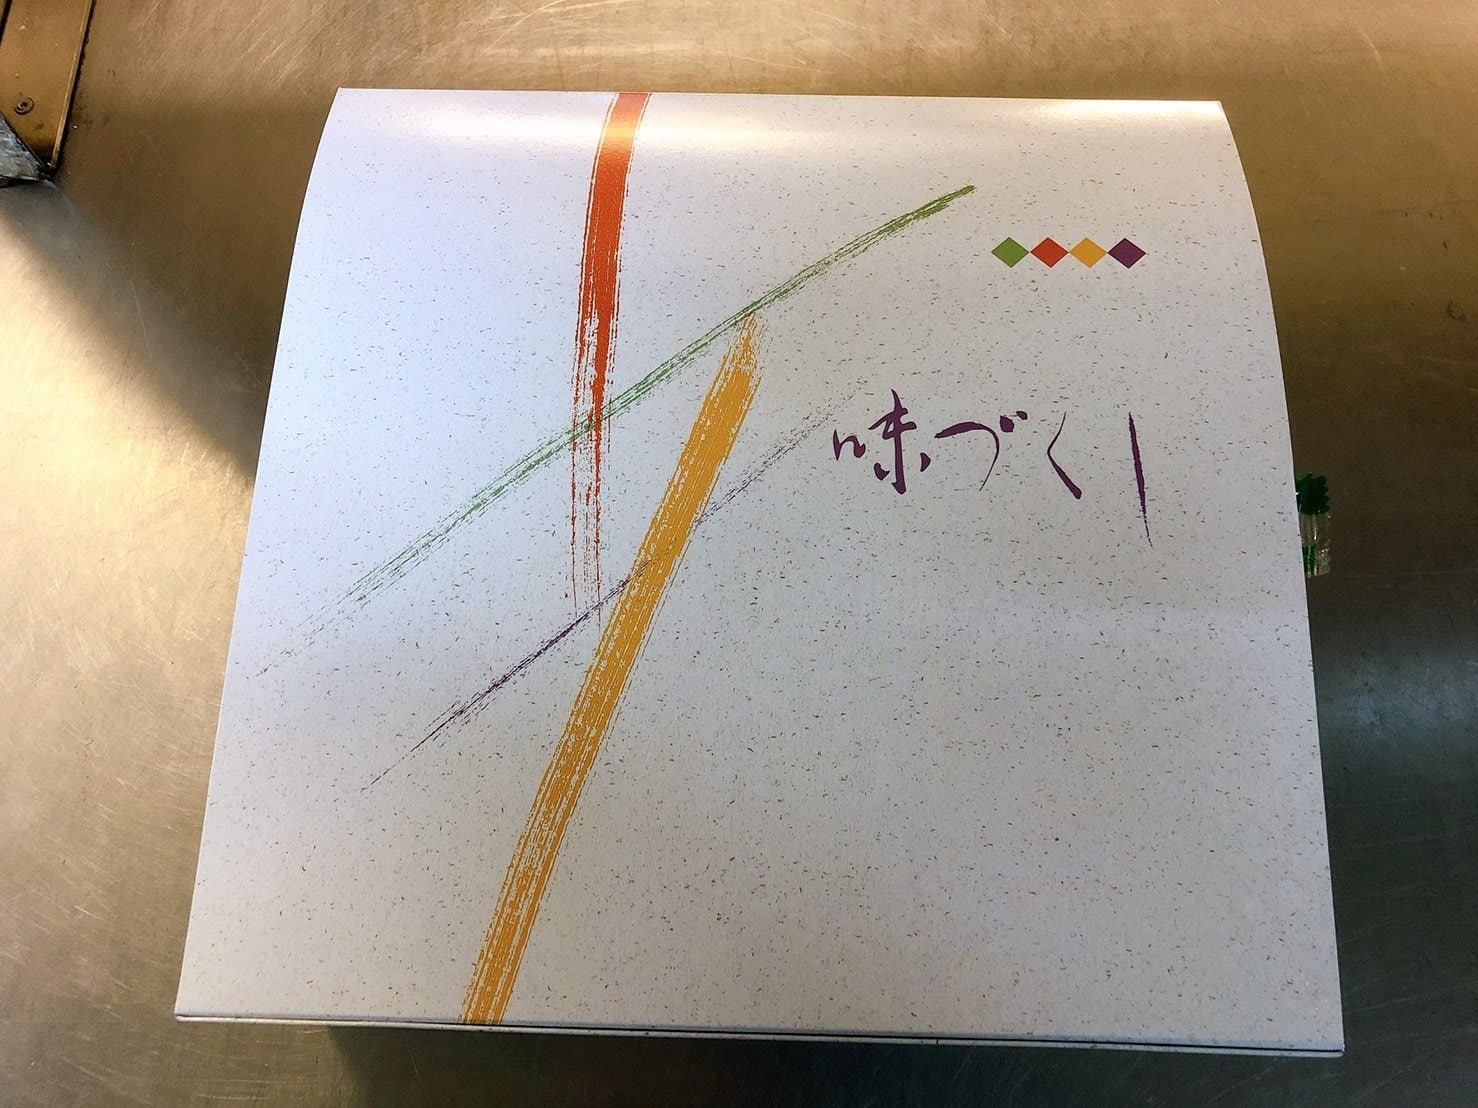 【テイクアウト・出前用】松花堂弁当のイメージその3